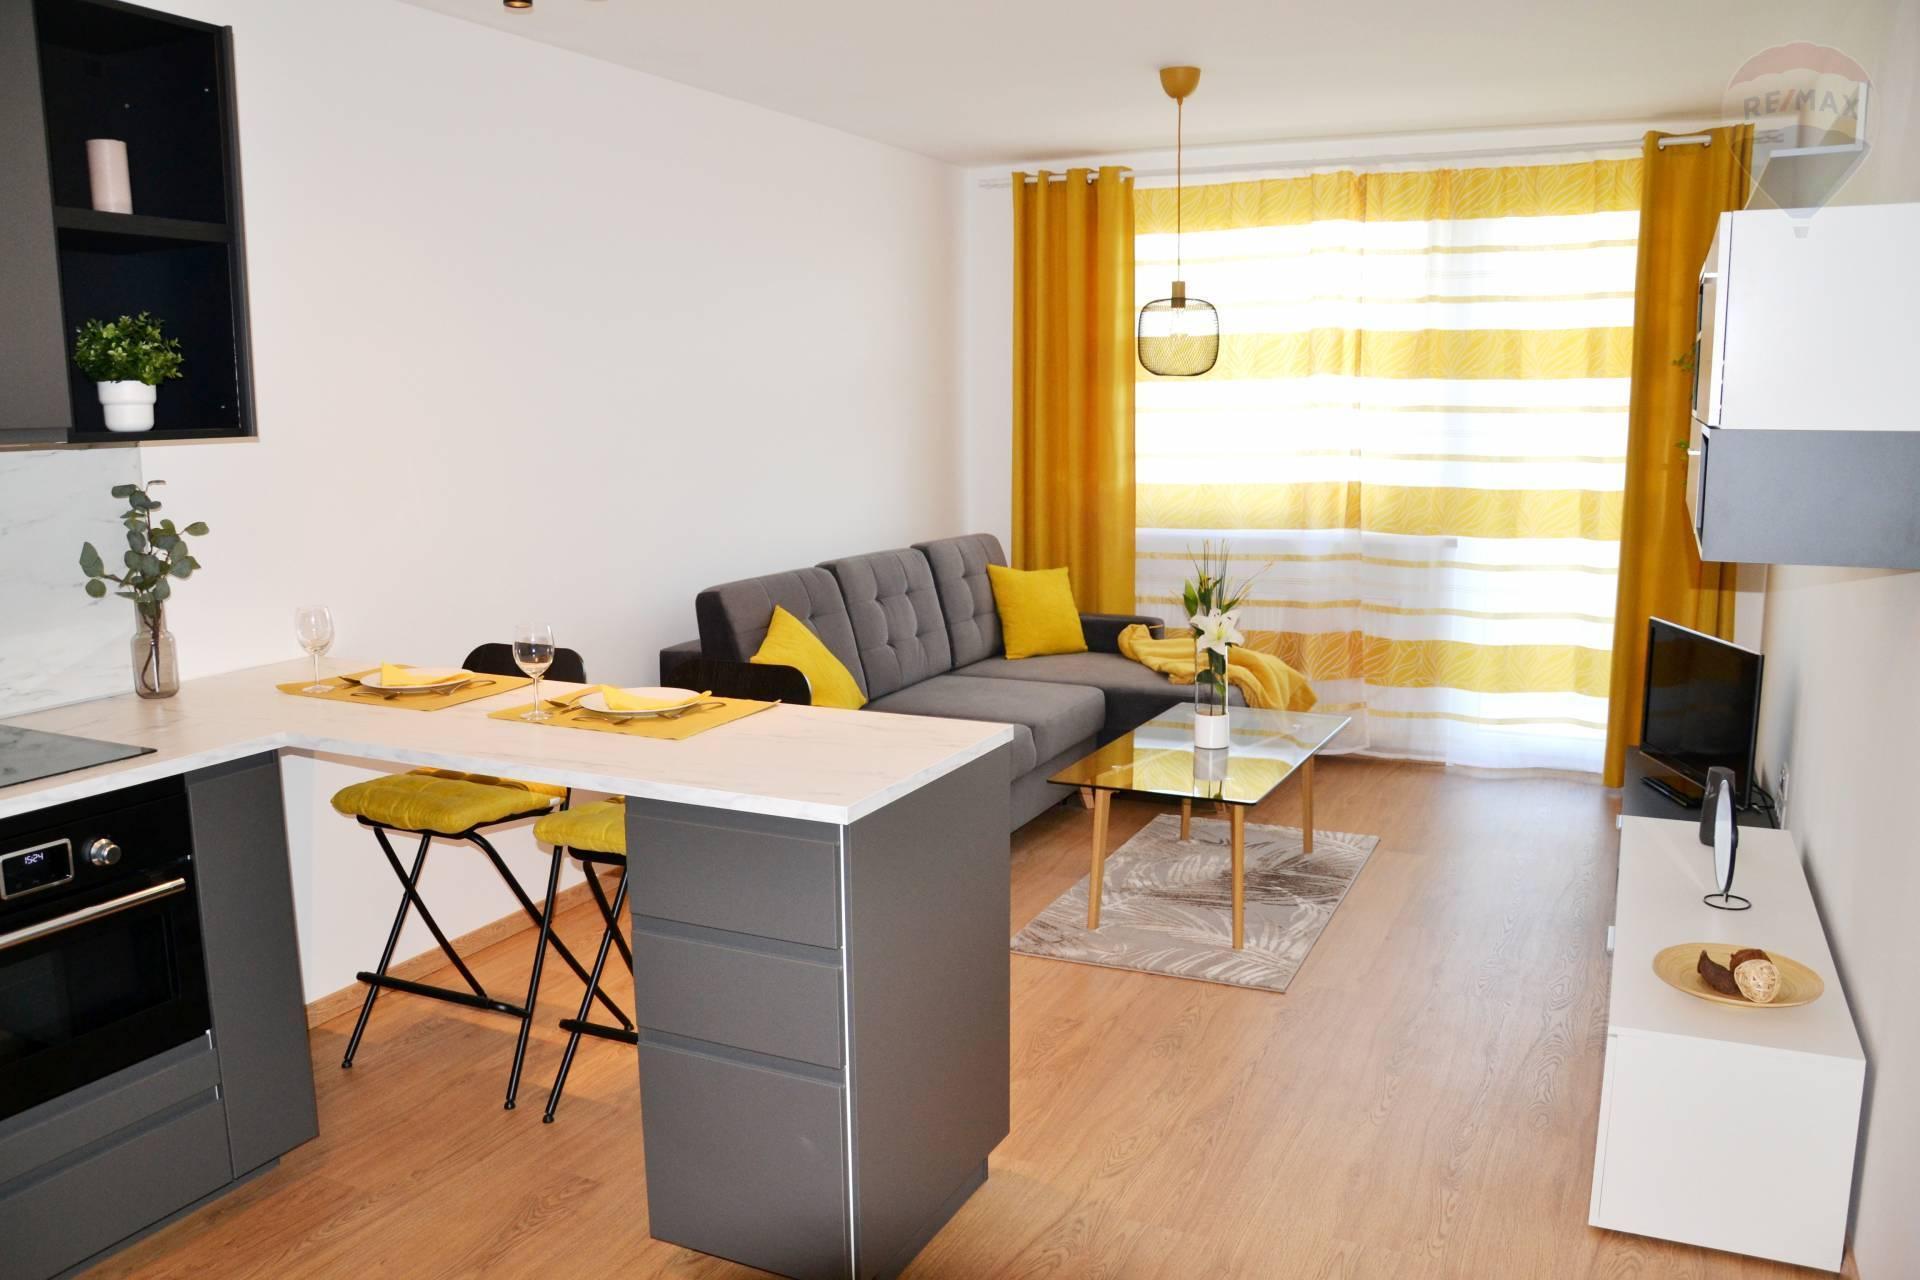 PRENÁJOM: 2 izbový byt s parkovacím státim, NOVOSTAVBA, Kramáre